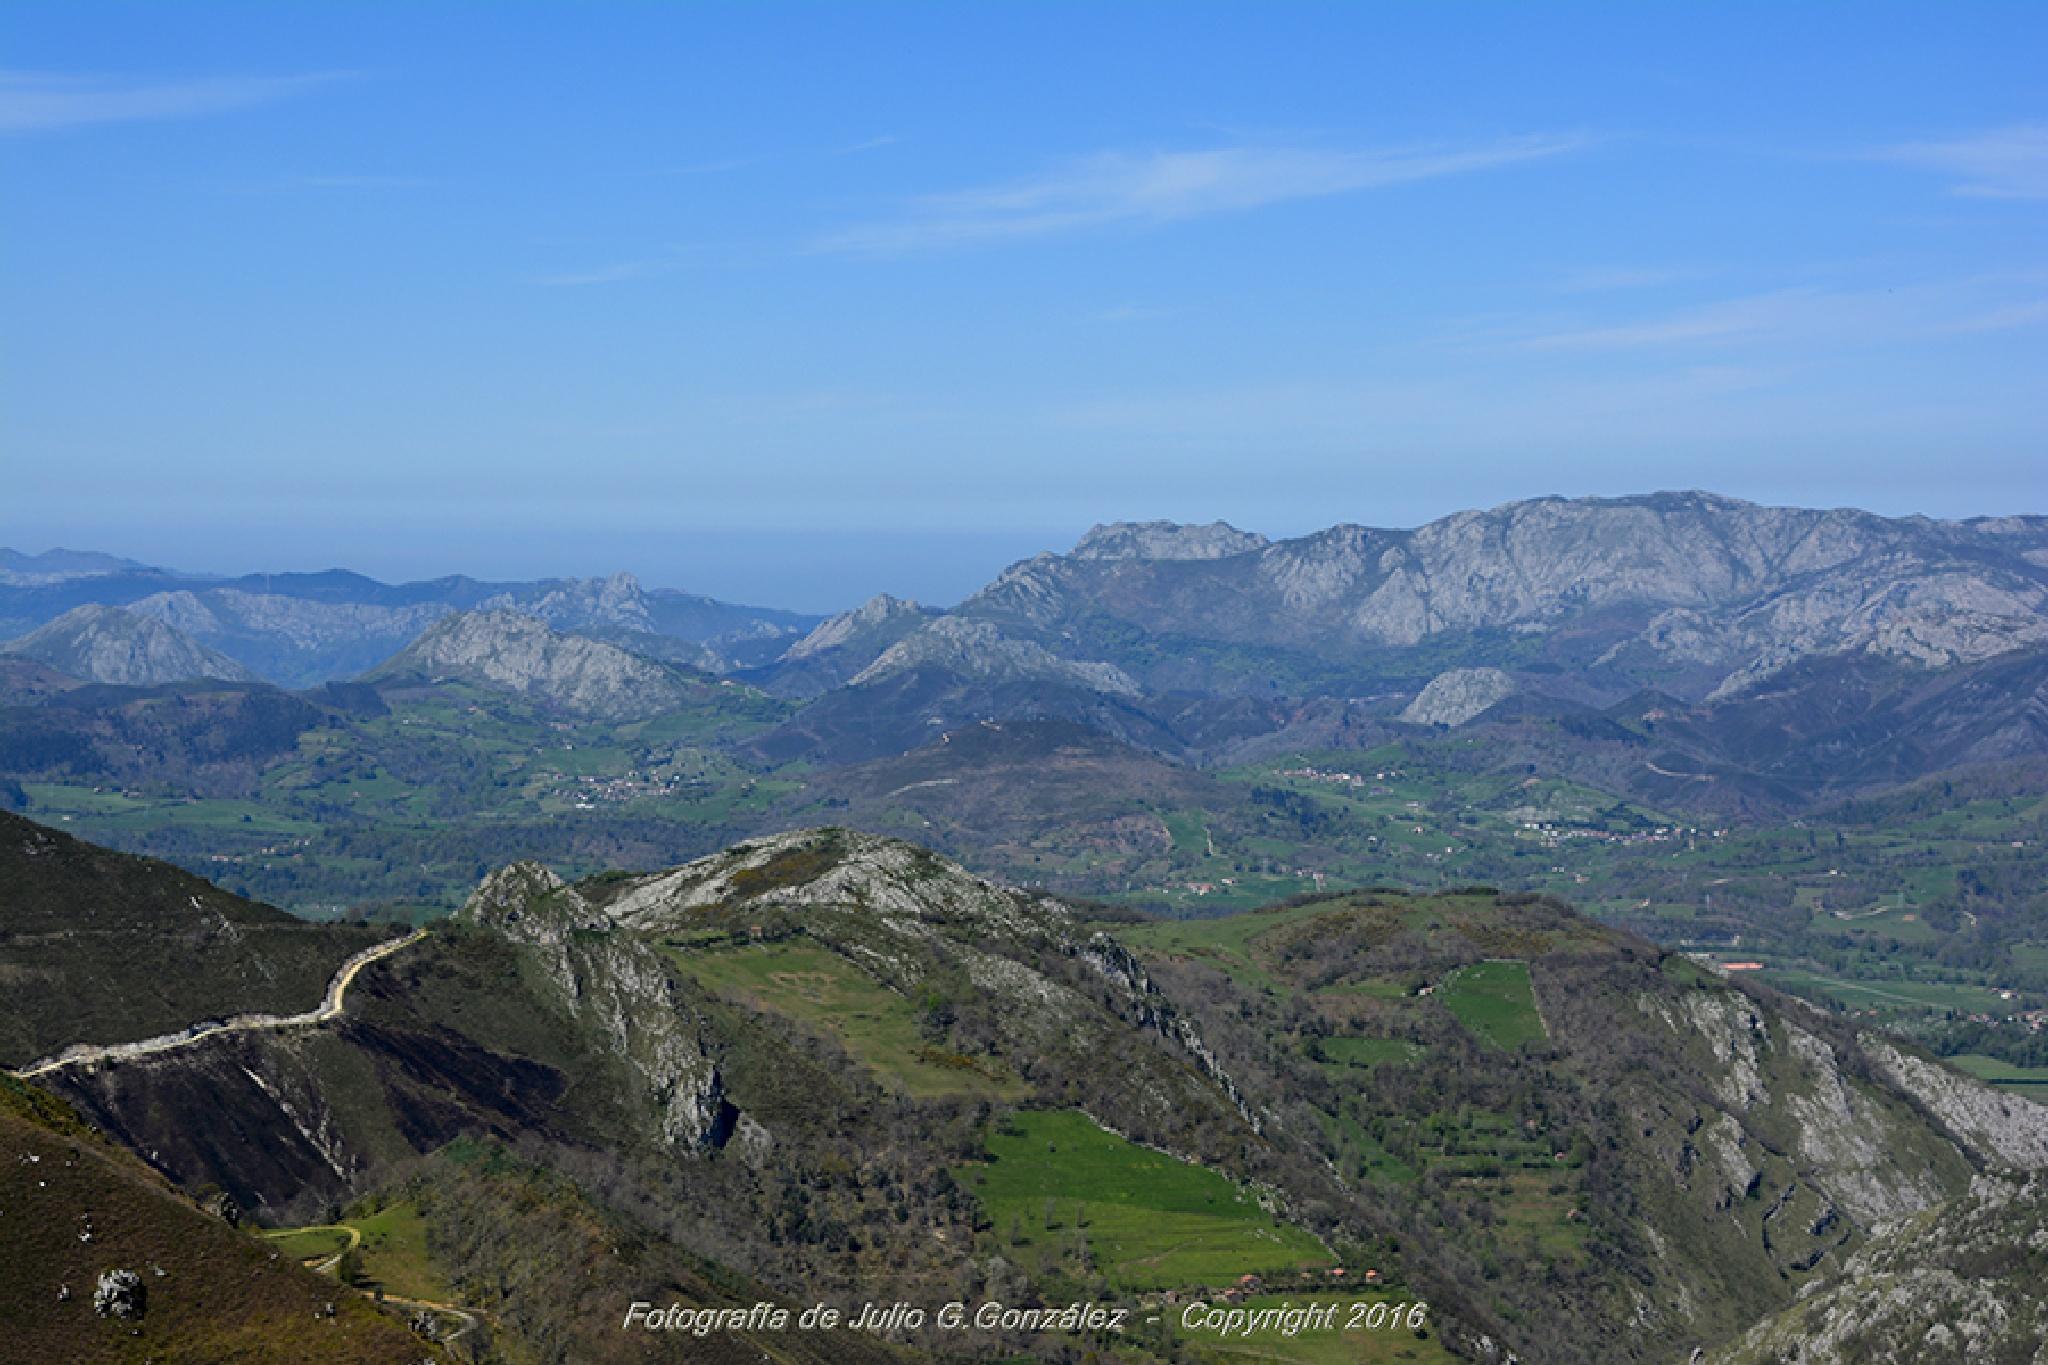 Montes de Covadonga by Julio G.González